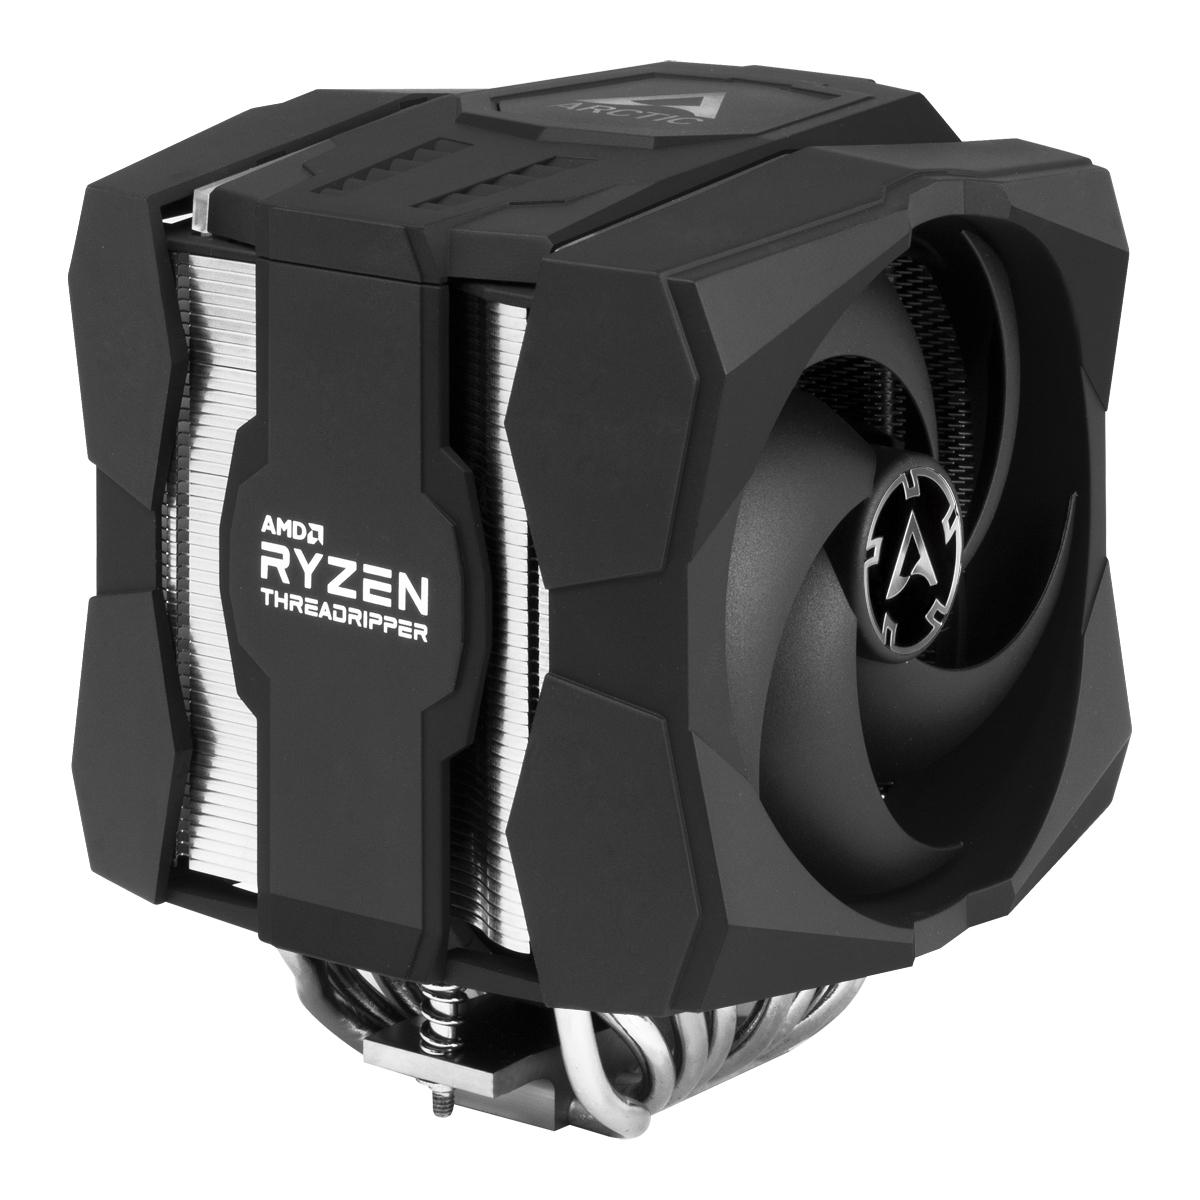 Dual Tower CPU-Kühler für AMD Ryzen™ Threadripper™ ARCTIC Freezer 50 TR Schrägansicht